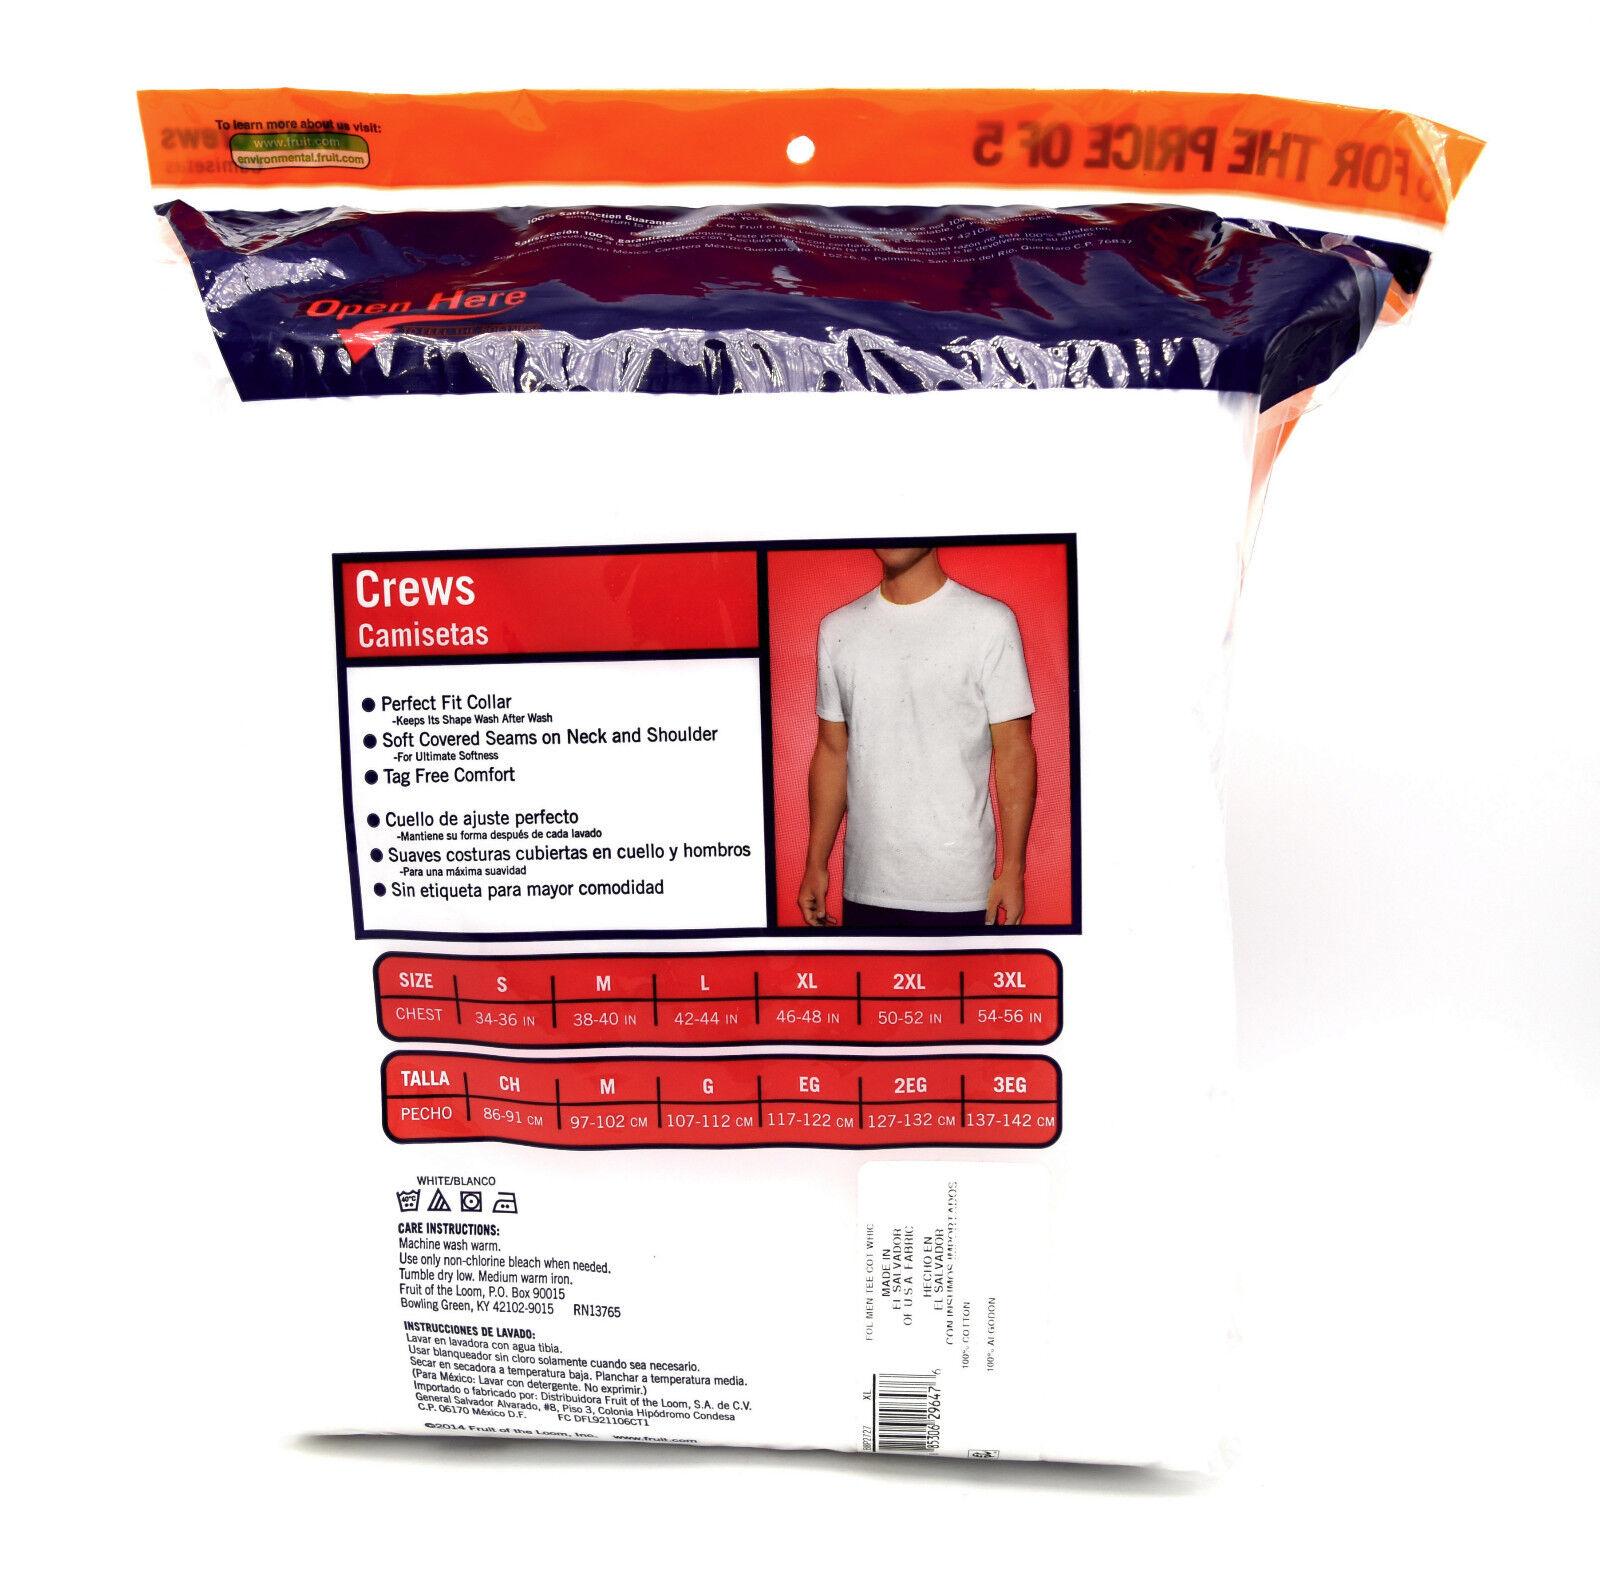 24 Bianco XL 117-122cm 117-122cm 117-122cm T-Shirt a Girocollo Fruit Of The Loom senza Etichetta Eg 81eada